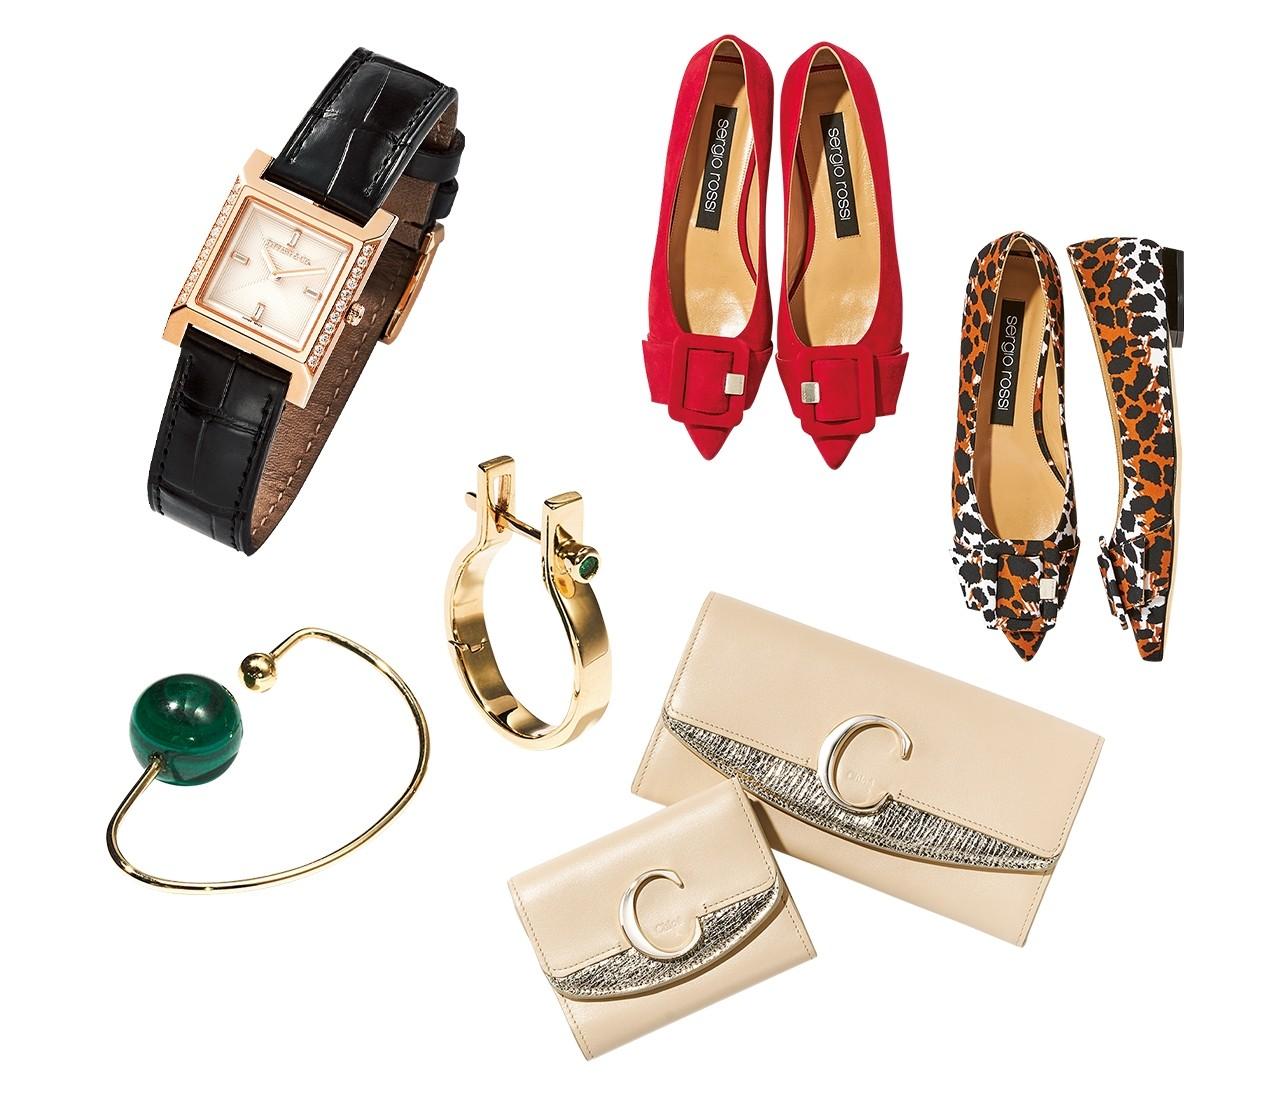 ハイブランドの財布やパンプスからジュエリーまで♡【今月のおしゃれニュース】